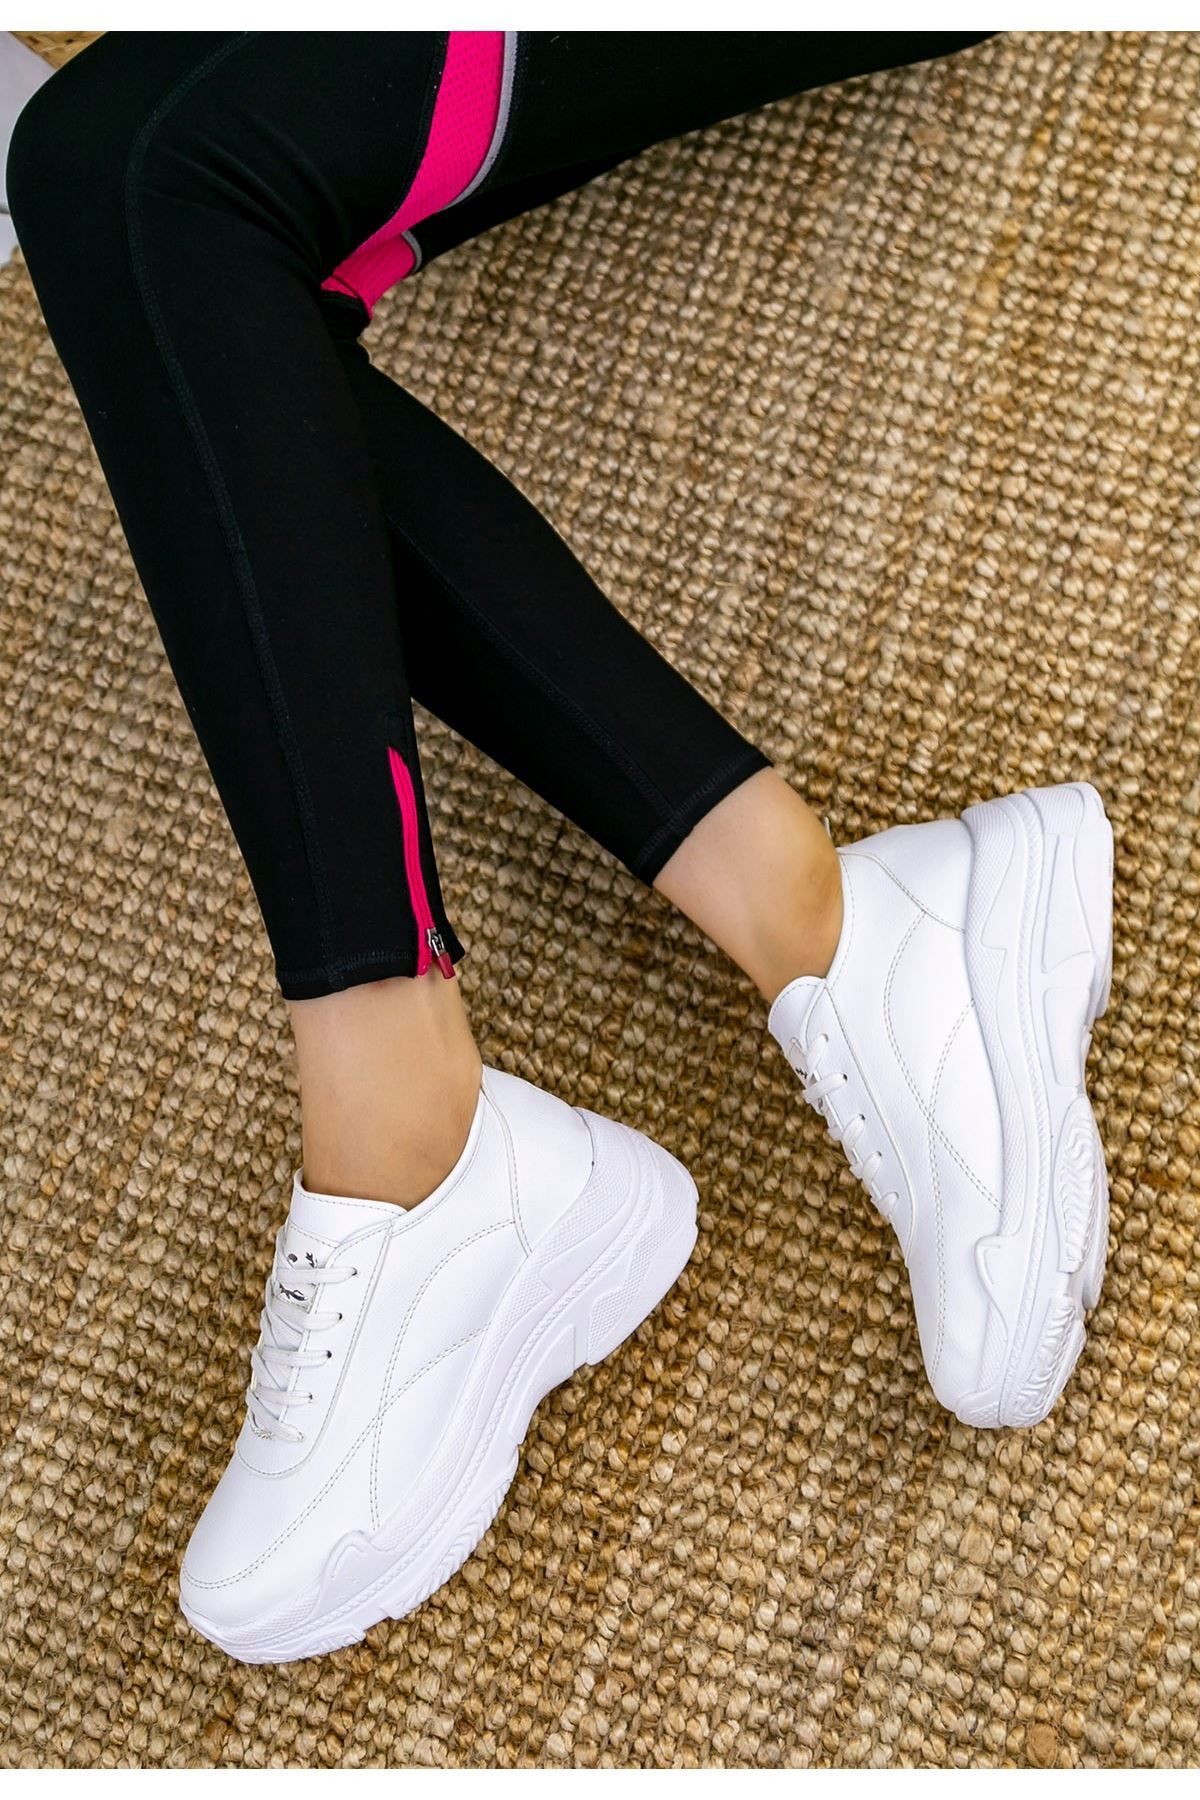 Jare Beyaz Cilt Spor Ayakkabı